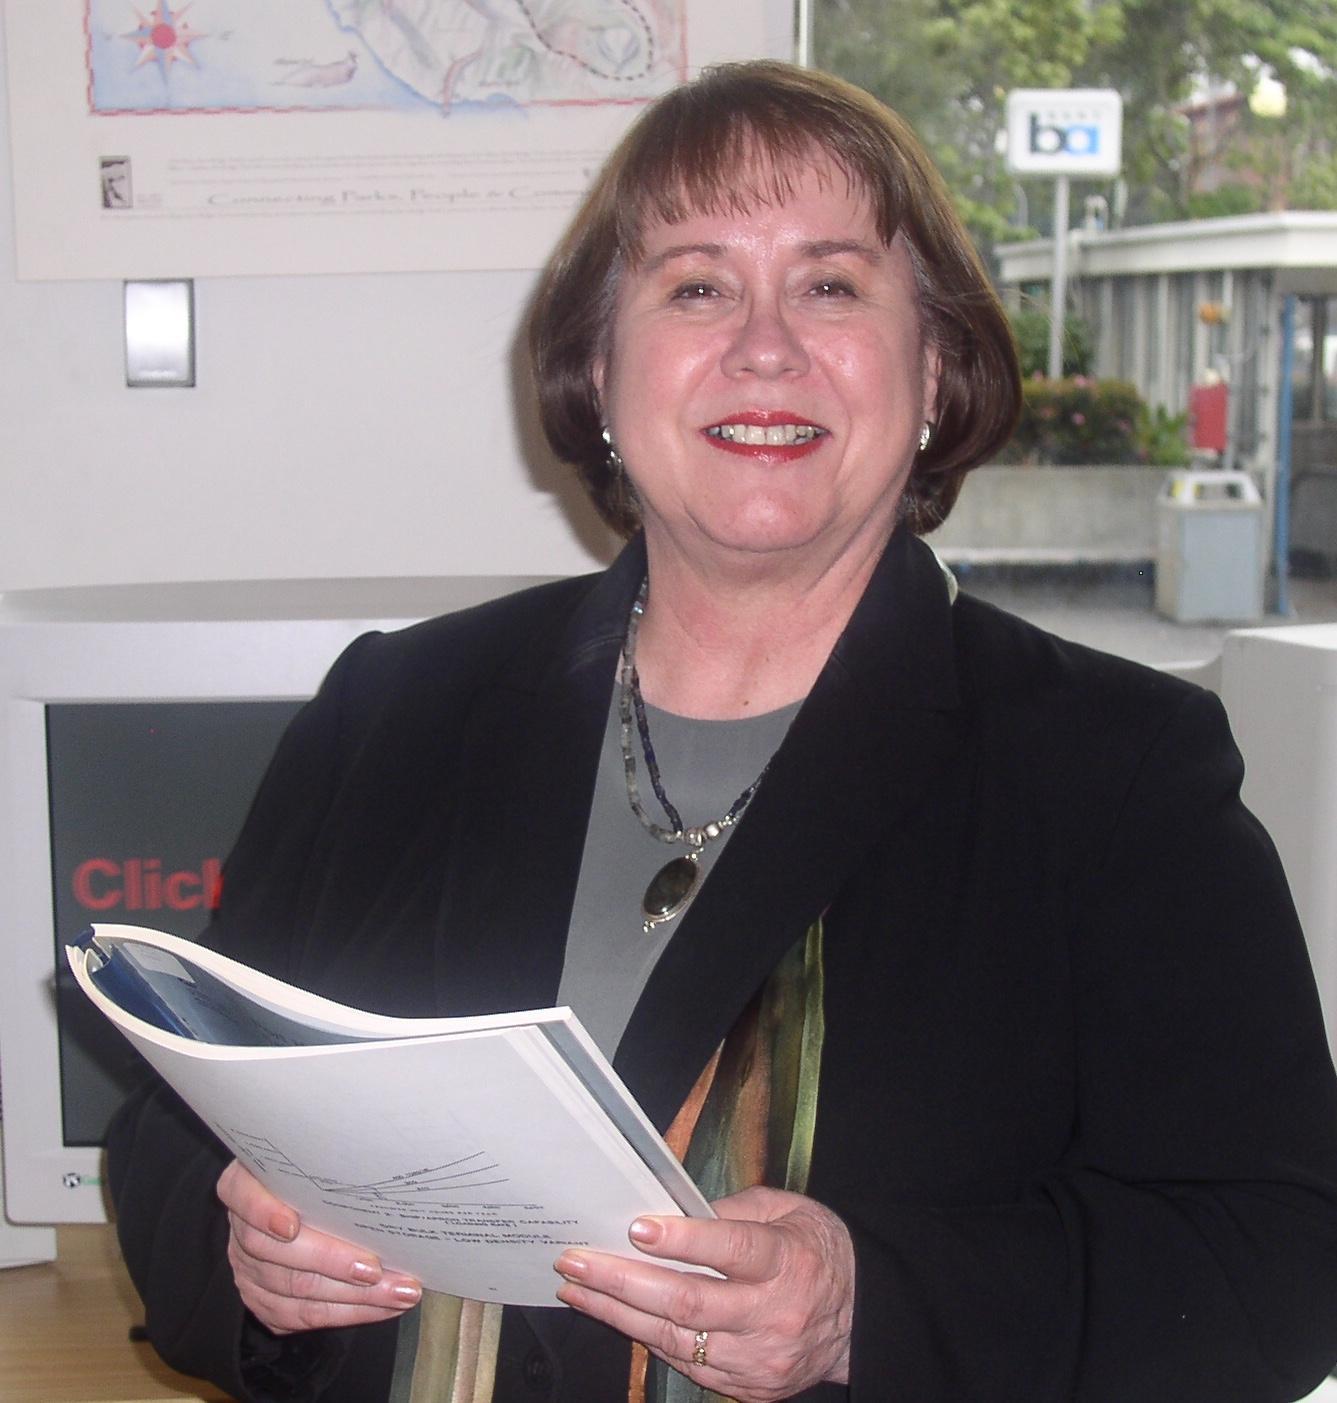 Kathleen Cha